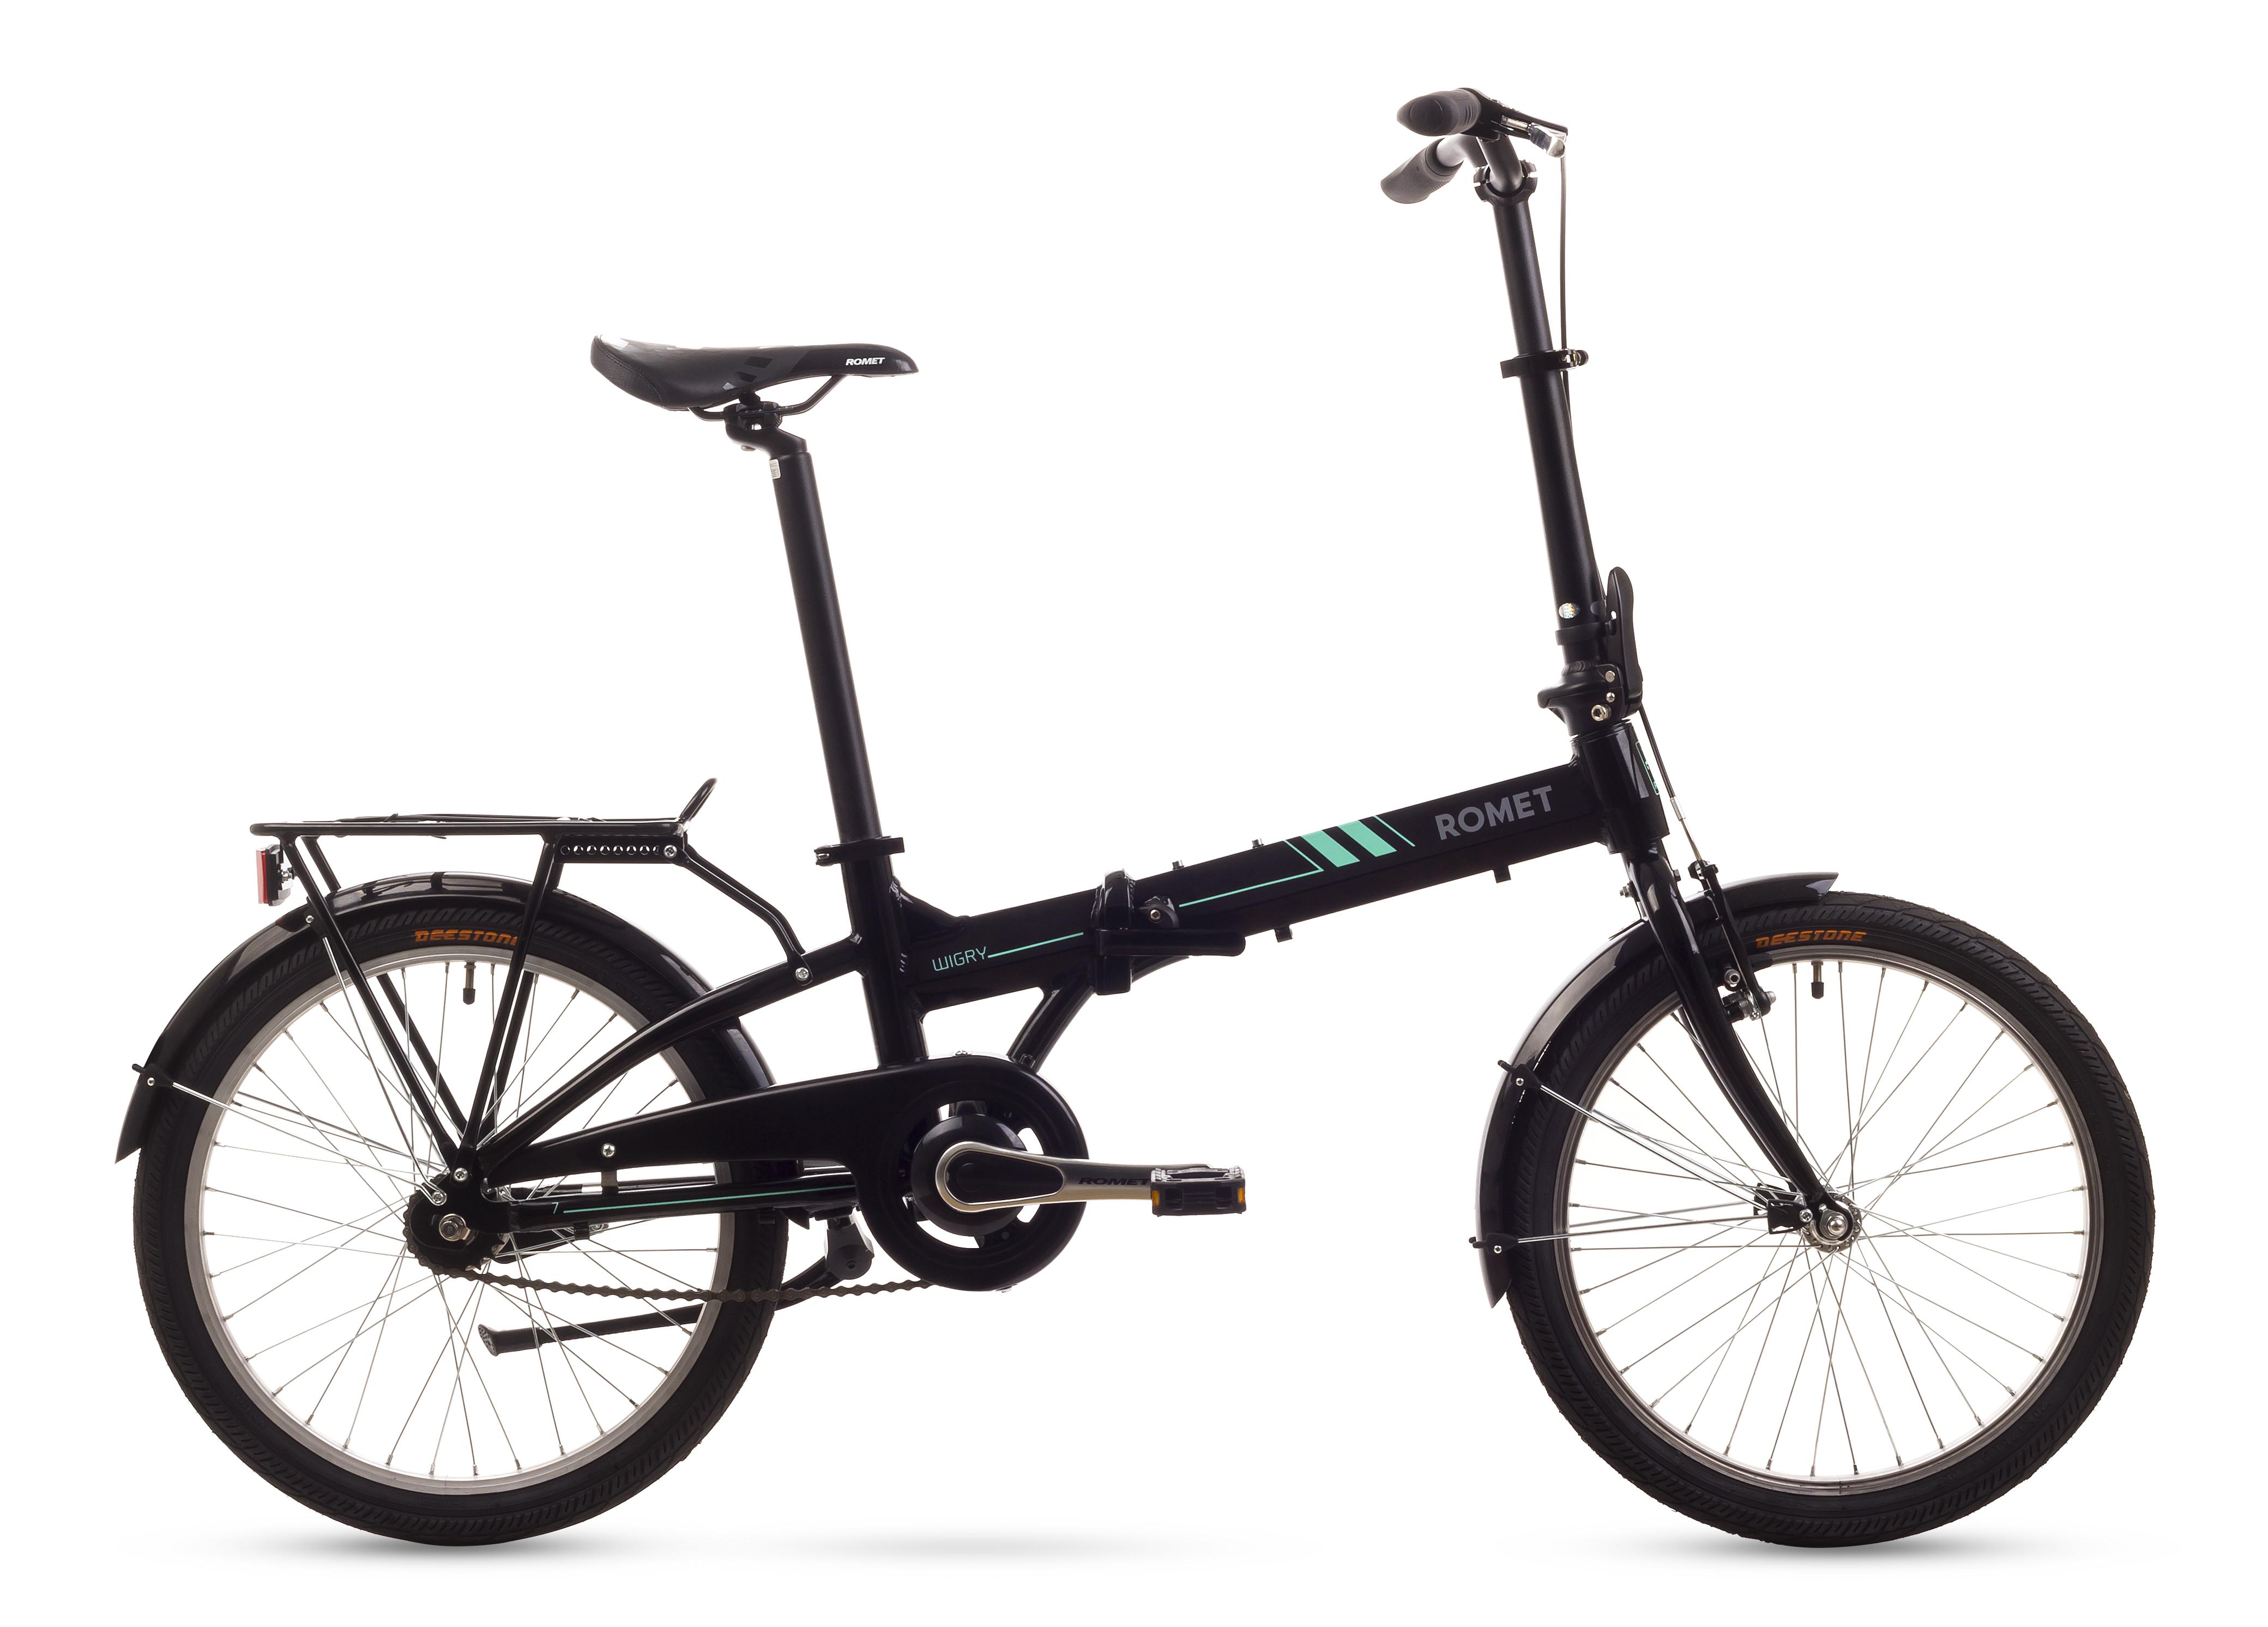 Bicicleta Pliabila Romet Wigry 2 Negru 2016